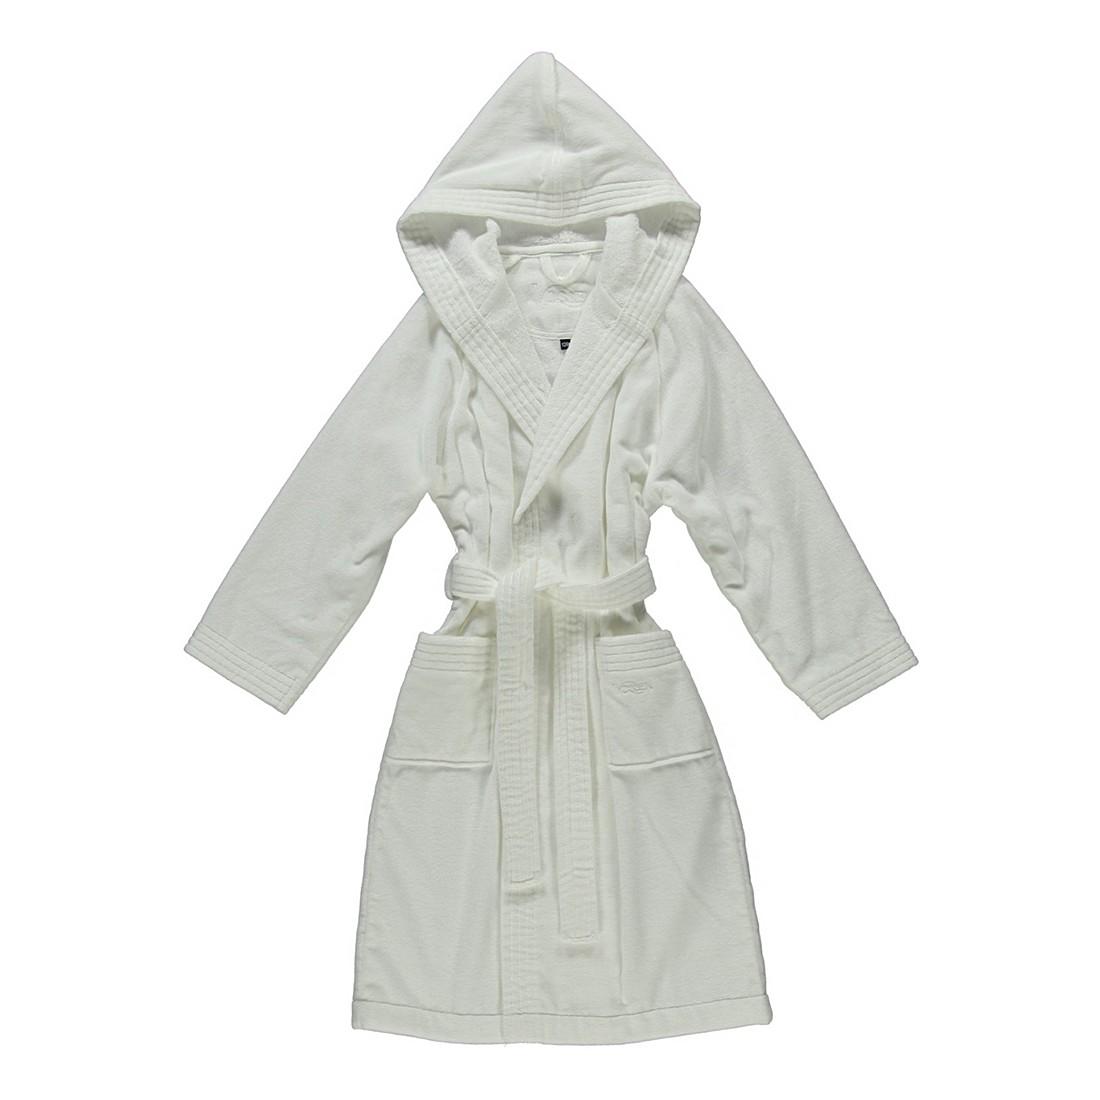 Kinderbademantel Texie – Kinder – Velours – 100% Baumwolle Weiß – 030 – Größe: 140, Vossen günstig